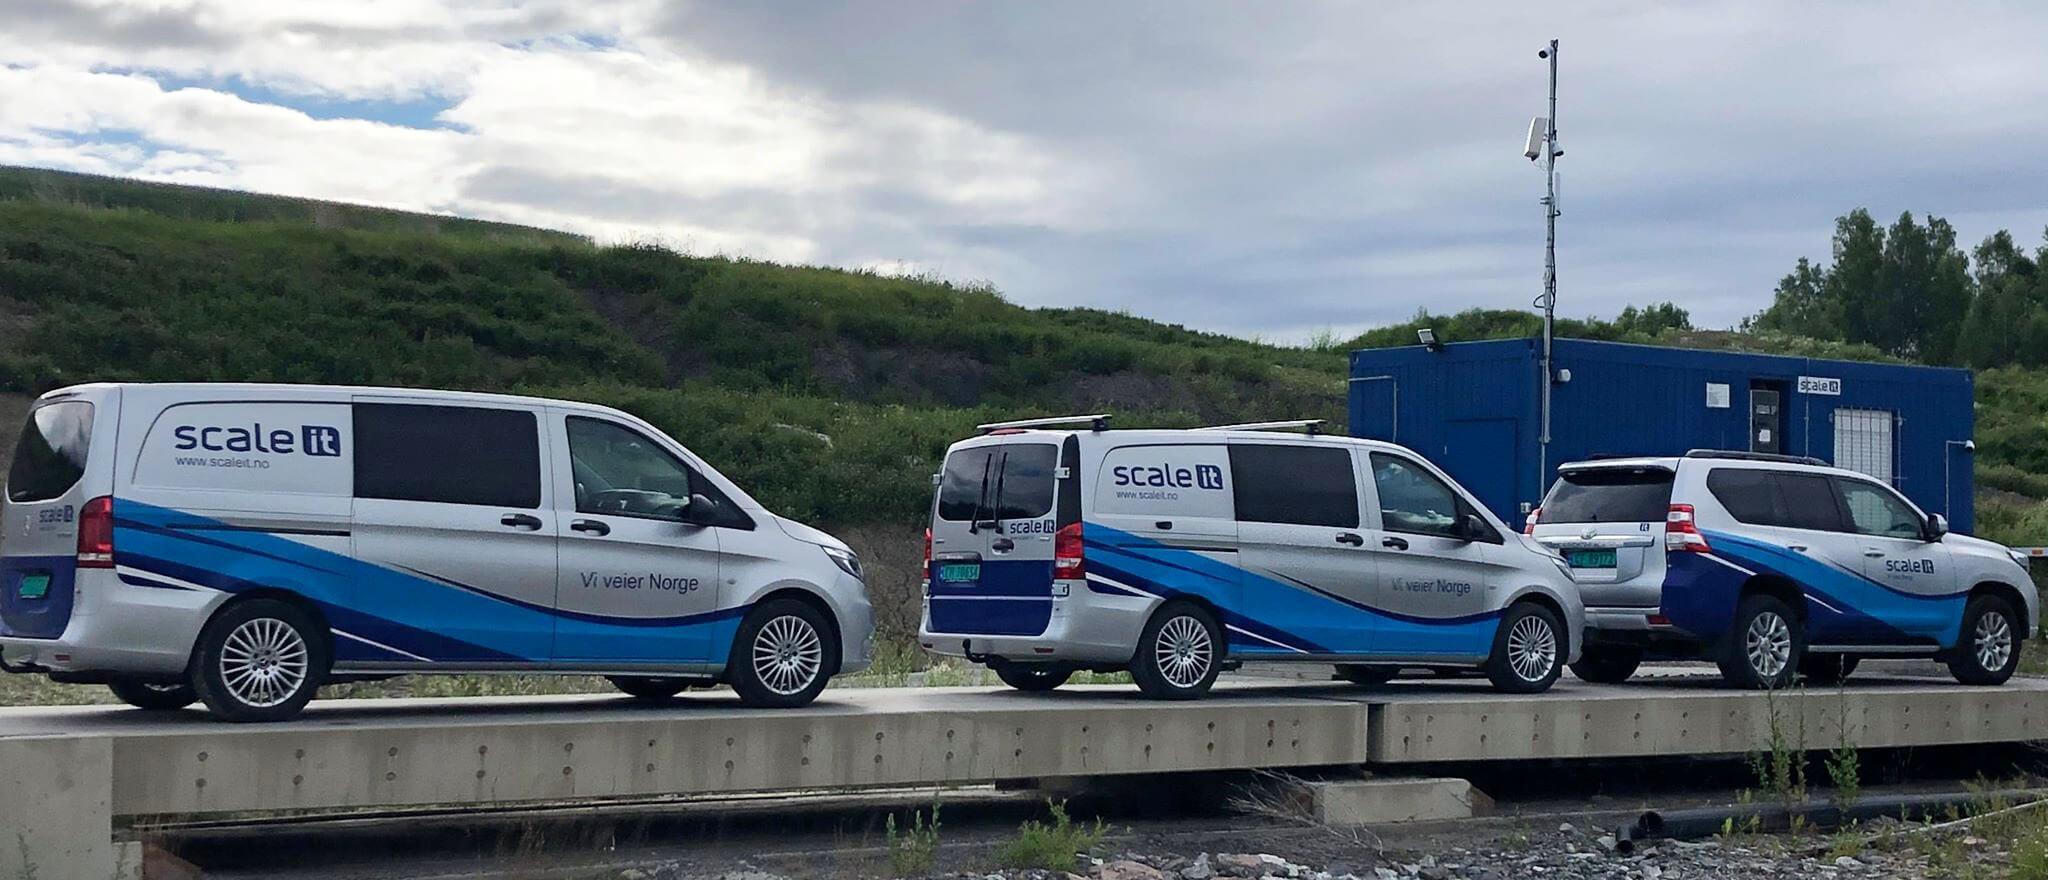 Servicebiler på rekke og rad